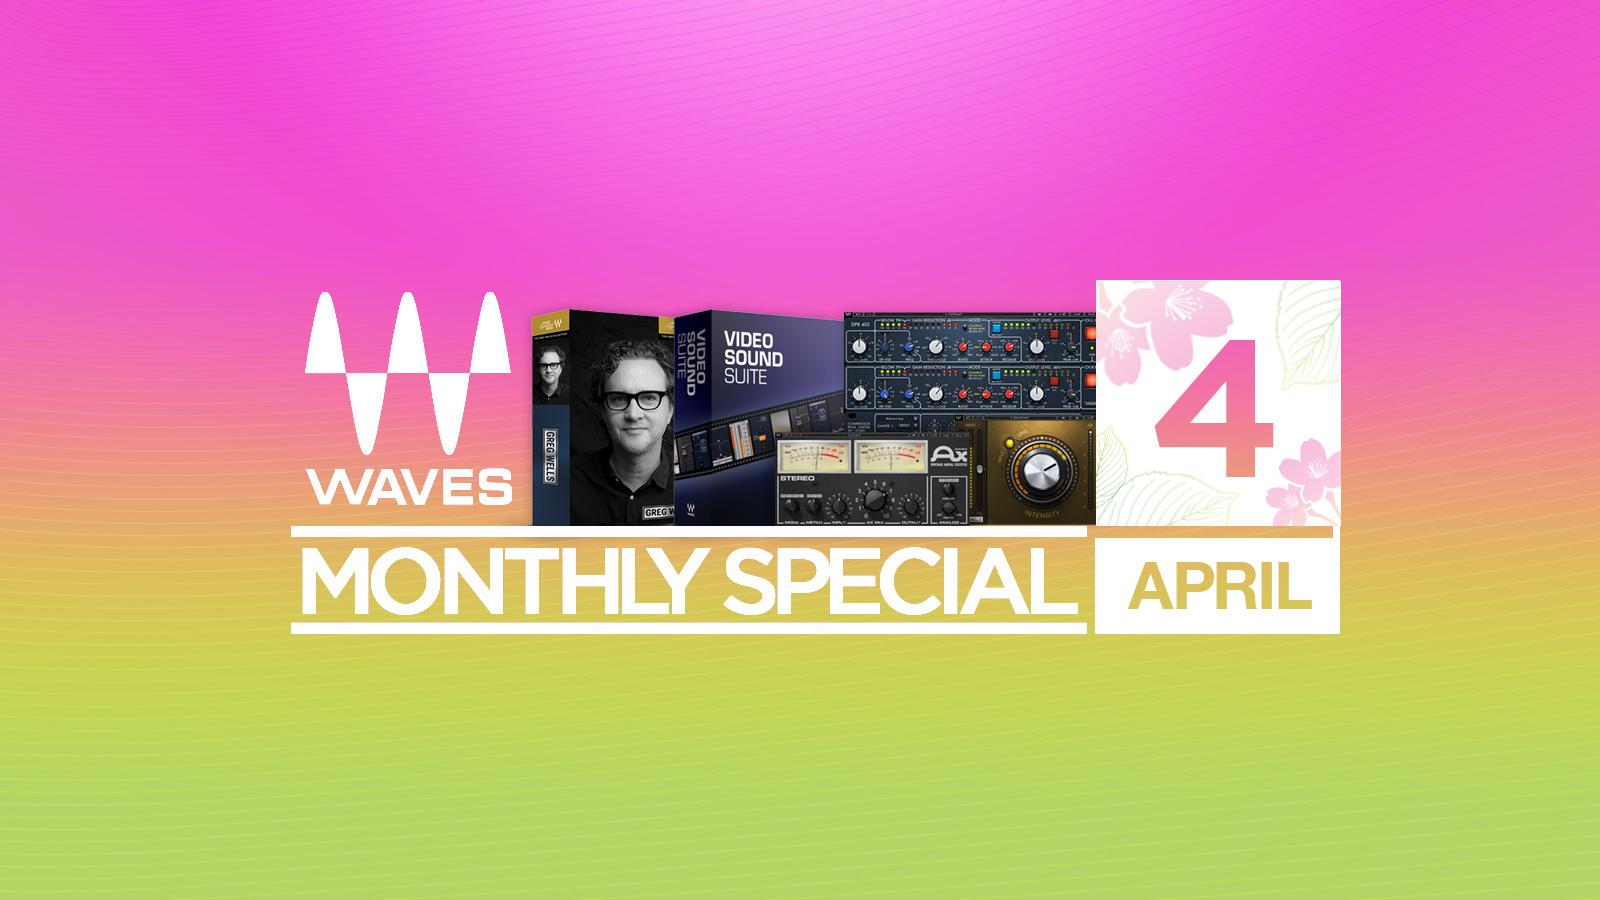 200種以上のバンドル・単体プラグインが最大92%オフ!Waves April Special 2018